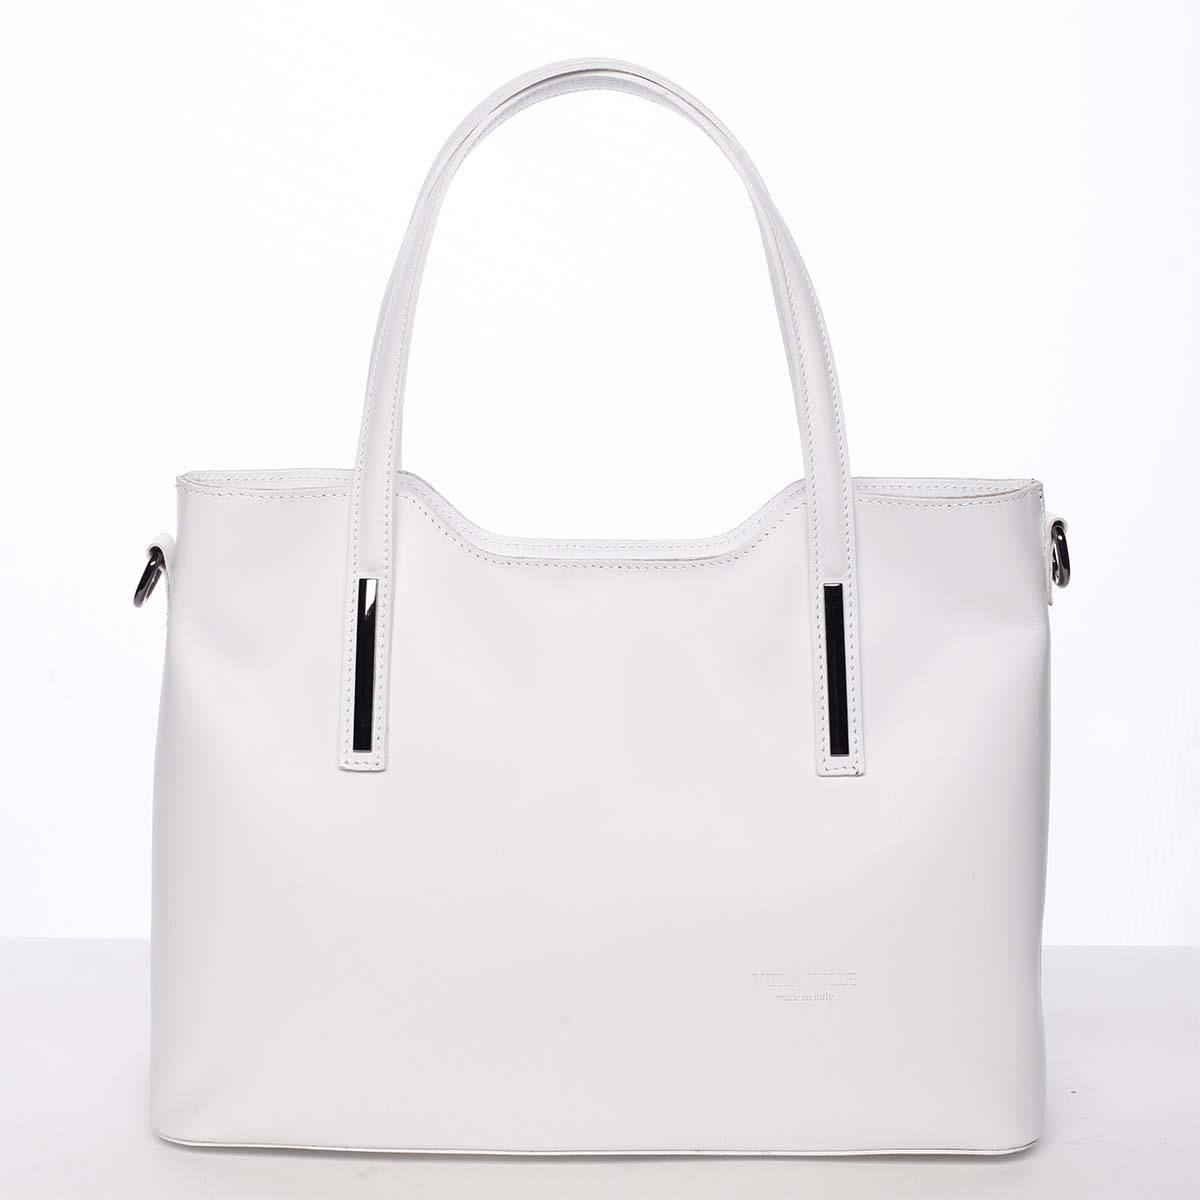 Väčšia kožená kabelka biela - ItalY Sandy